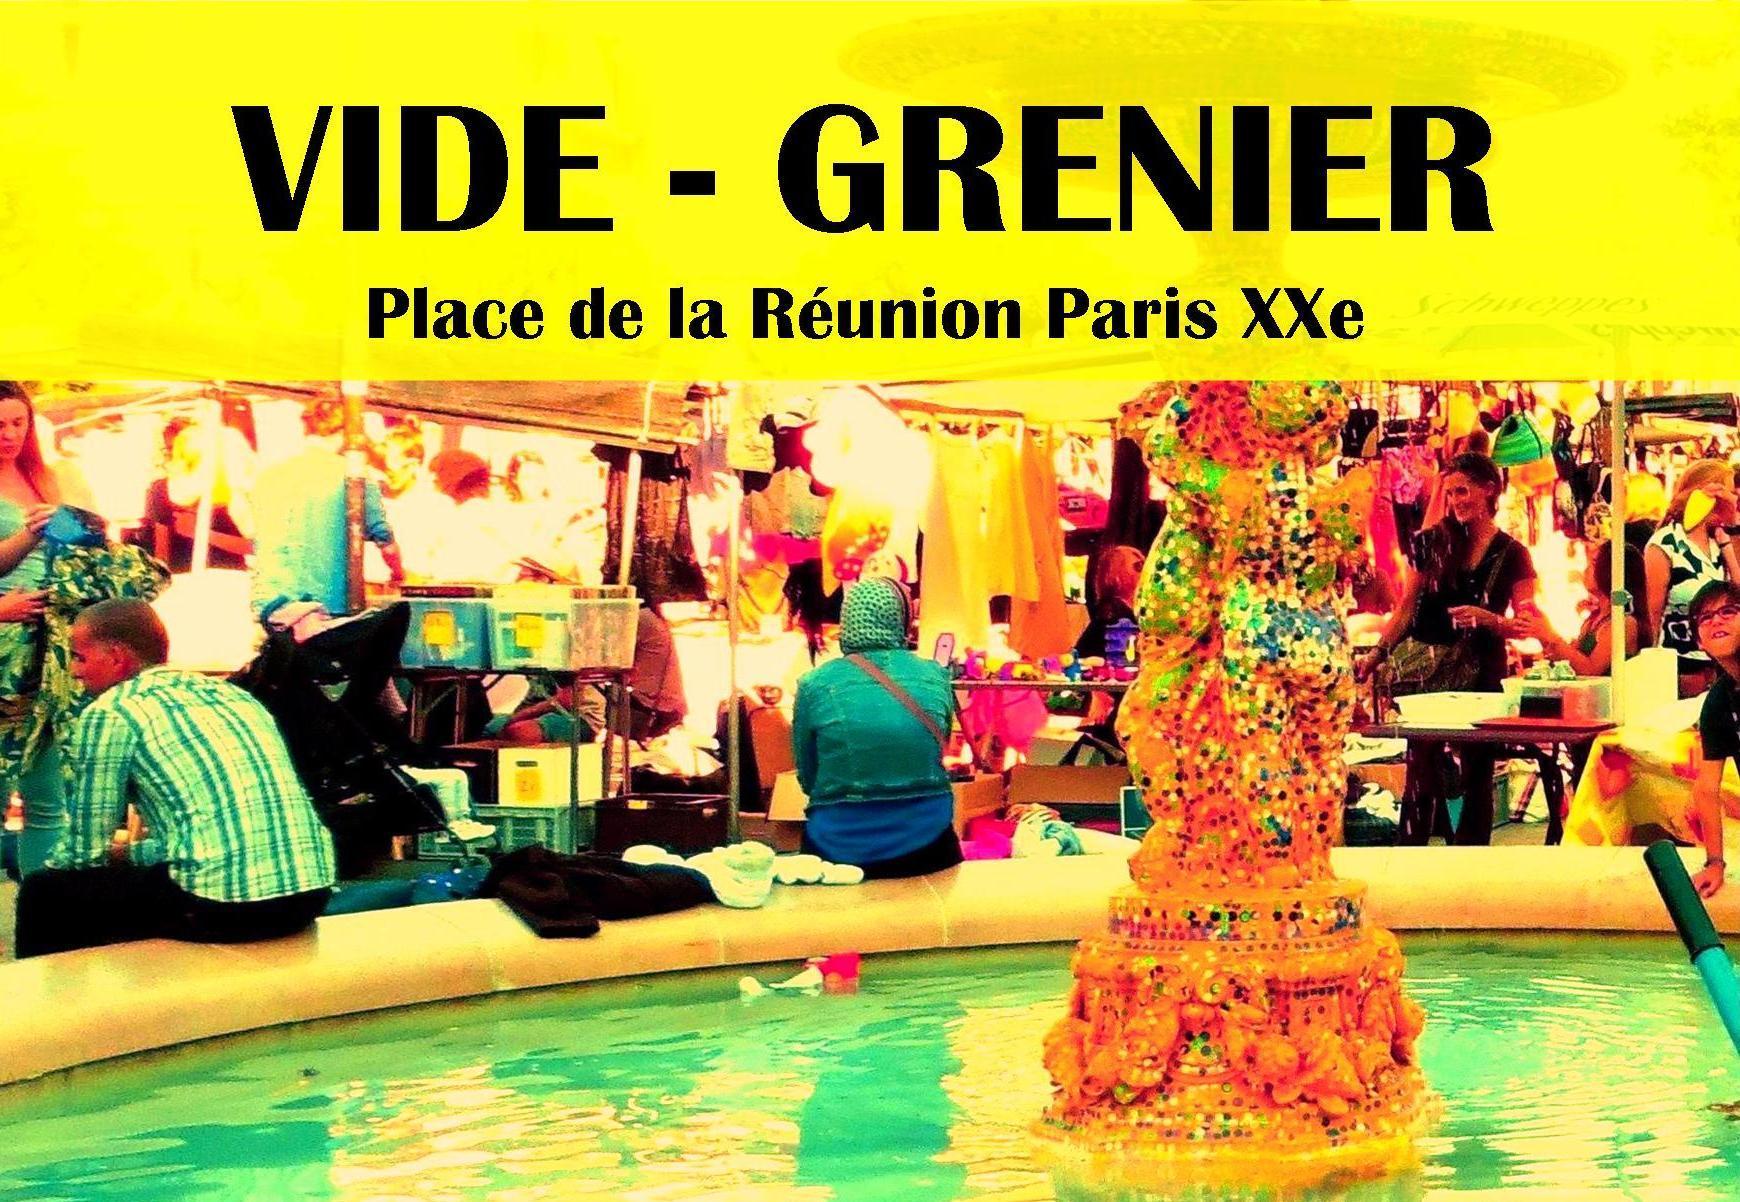 Vide-grenier @ Place de la Réunion   Paris   Île-de-France   France